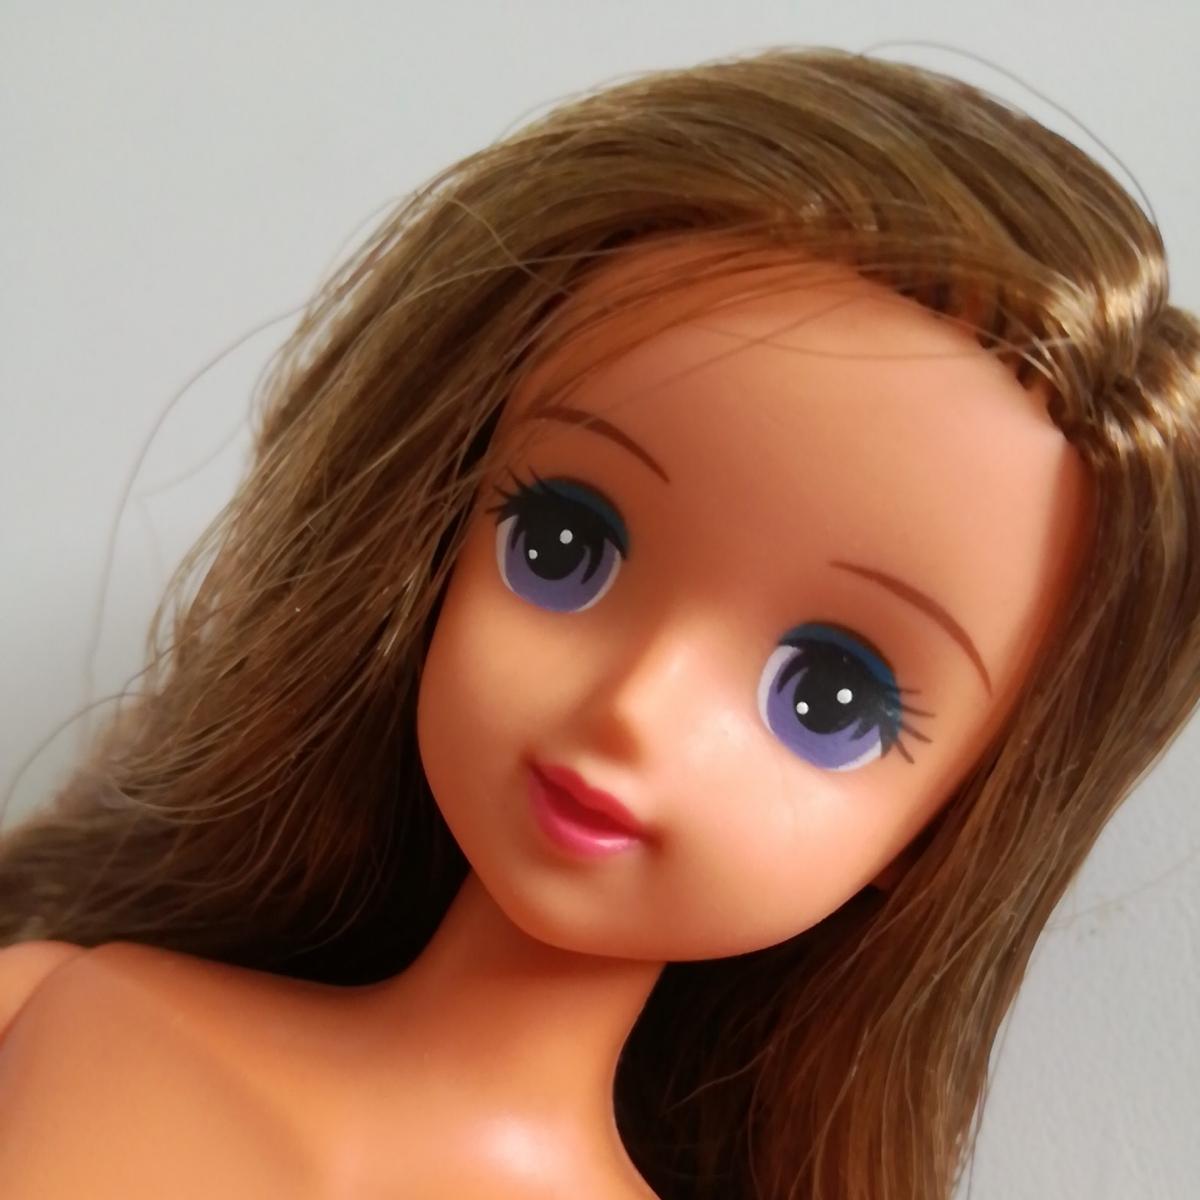 人形本体 ジュリアナ ジェニーフレンド 鎖骨あり 日焼けボディ 1/6ドール フィギュア タカラ TAKARA ゆる巻き ロングヘア